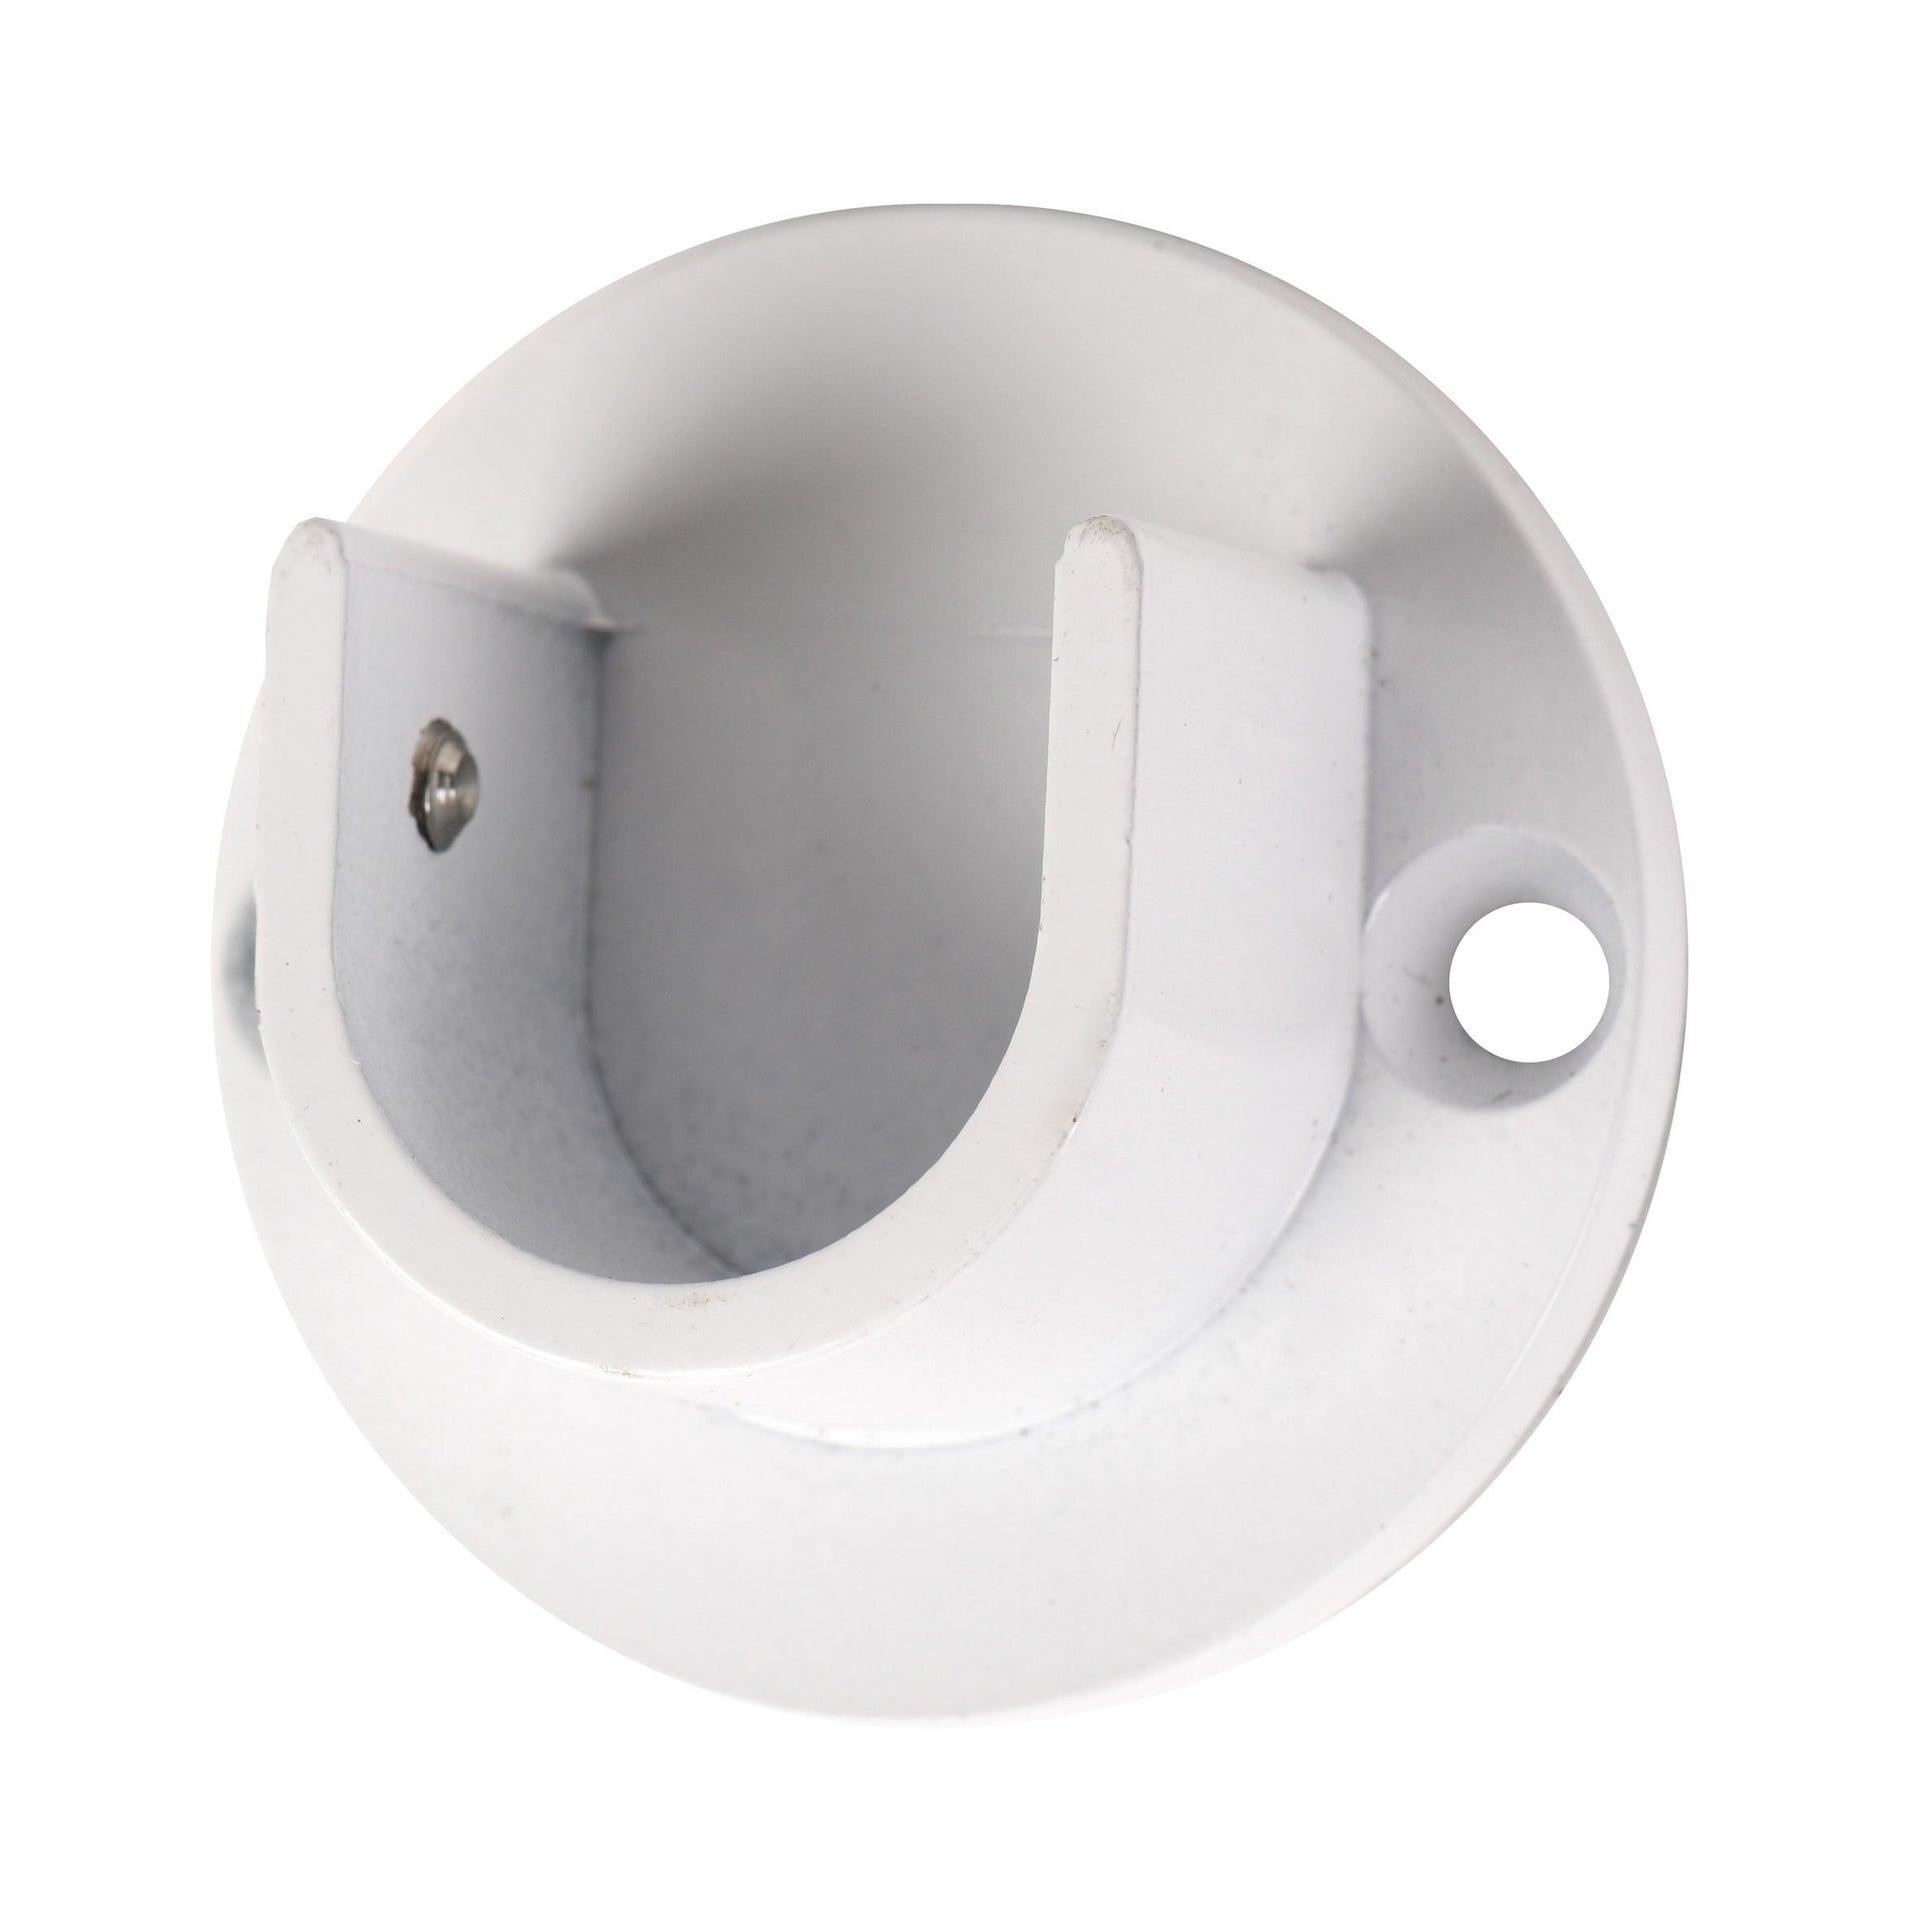 Finale per bastone Nilo tappo in metallo Ø20mm bianco lucido INSPIRE Set di 2 pezzi - 6